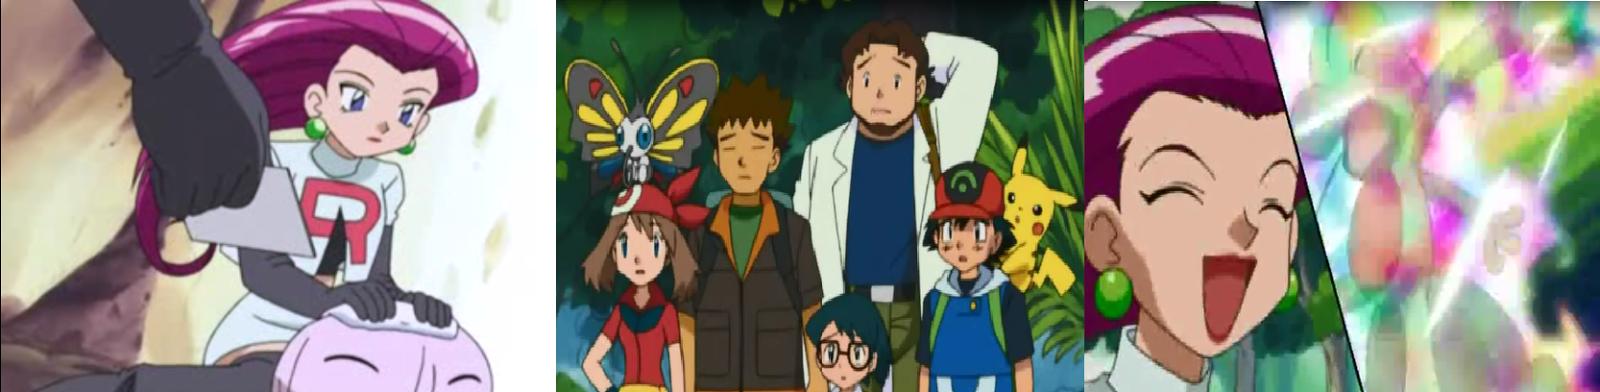 Pokémon -  Capítulo 28 - Temporada 6 - Audio Latino